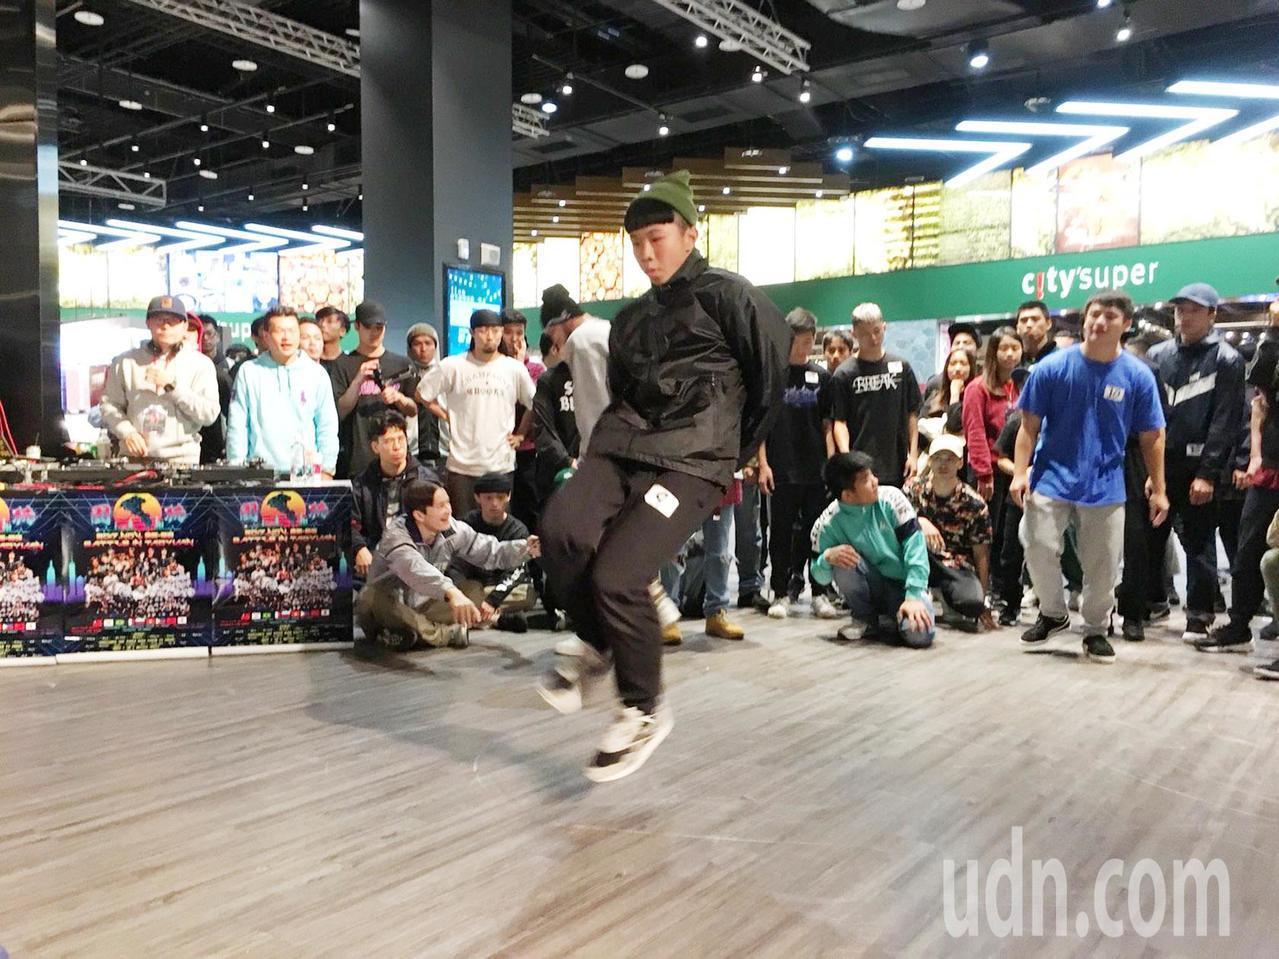 全台最大型BBOY國際街舞大賽展開,來自世界各地實力強勁的BBOY舞林高手尬舞較...